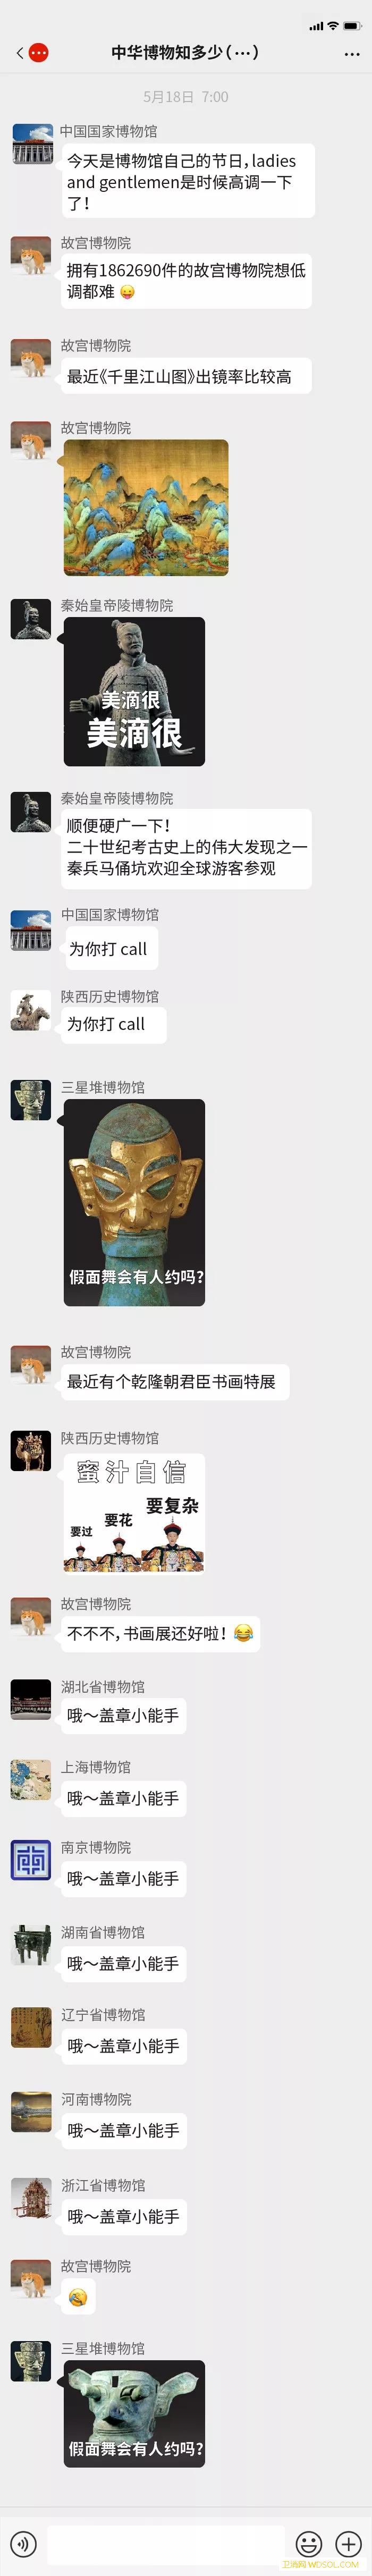 如果中国著名博物馆都在一个微信群里_乾隆-史实-文物-